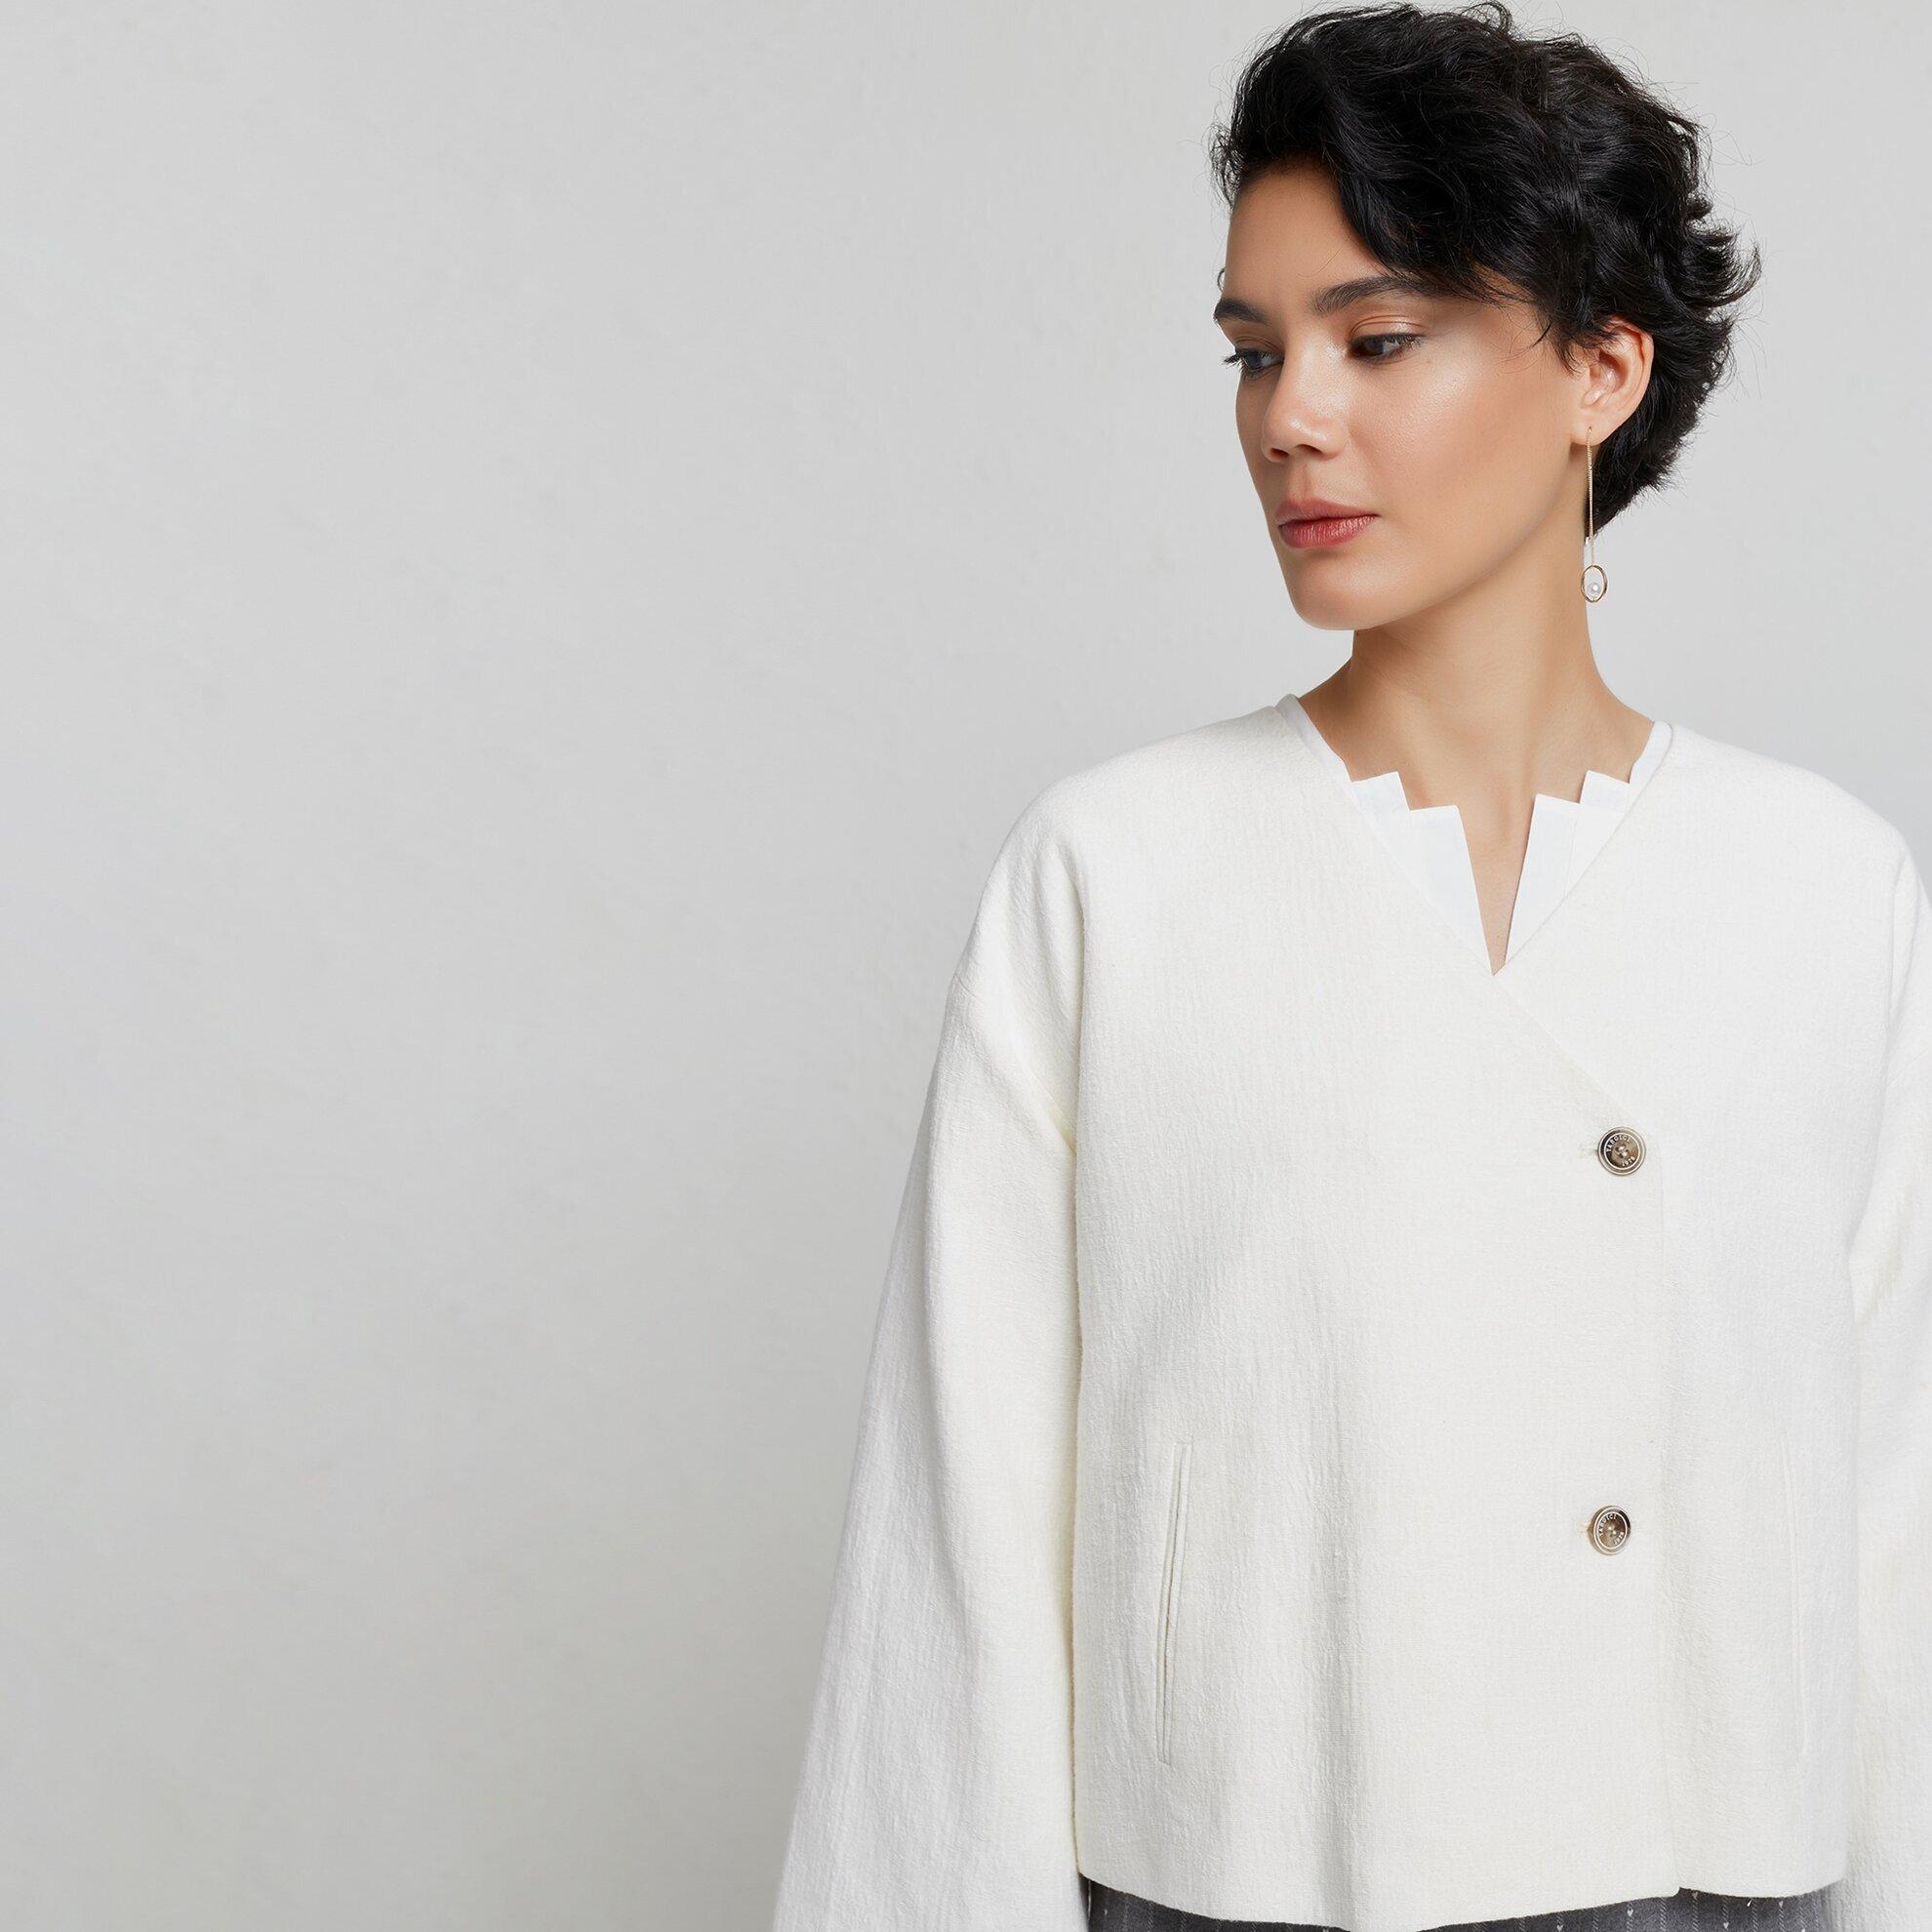 İki Düğmeli Ceket